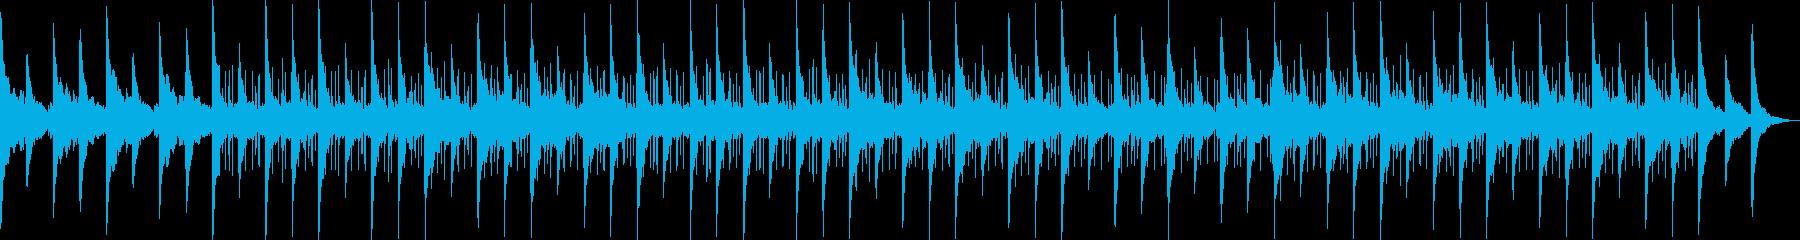 チルアウト・切ないローファイヒップホップの再生済みの波形